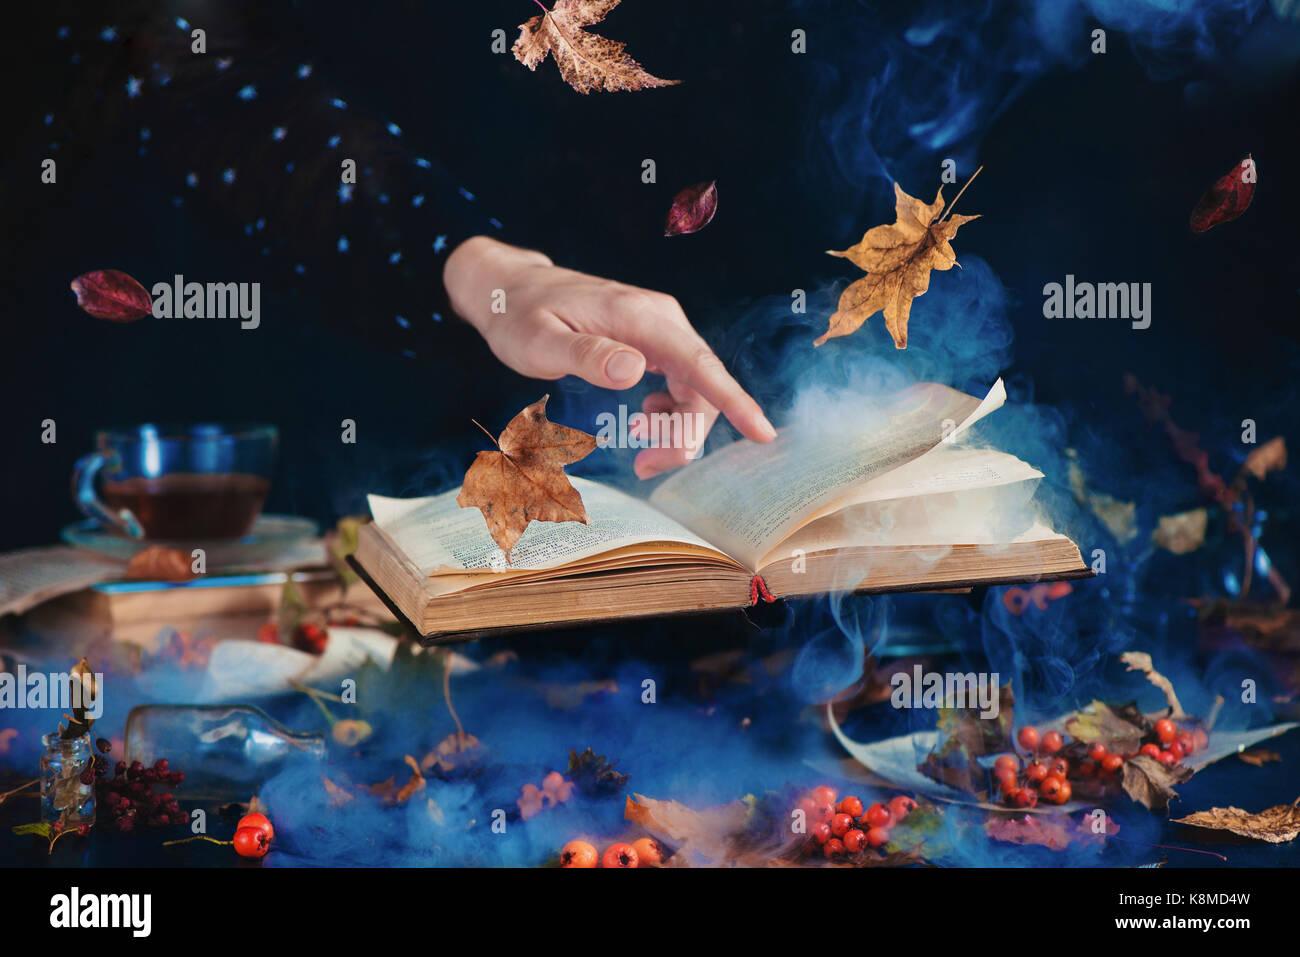 Stillleben mit schwebenden Buch der Zaubersprüche, Herbst Blätter, rote Beeren, Gläsern und Flaschen, Stockbild